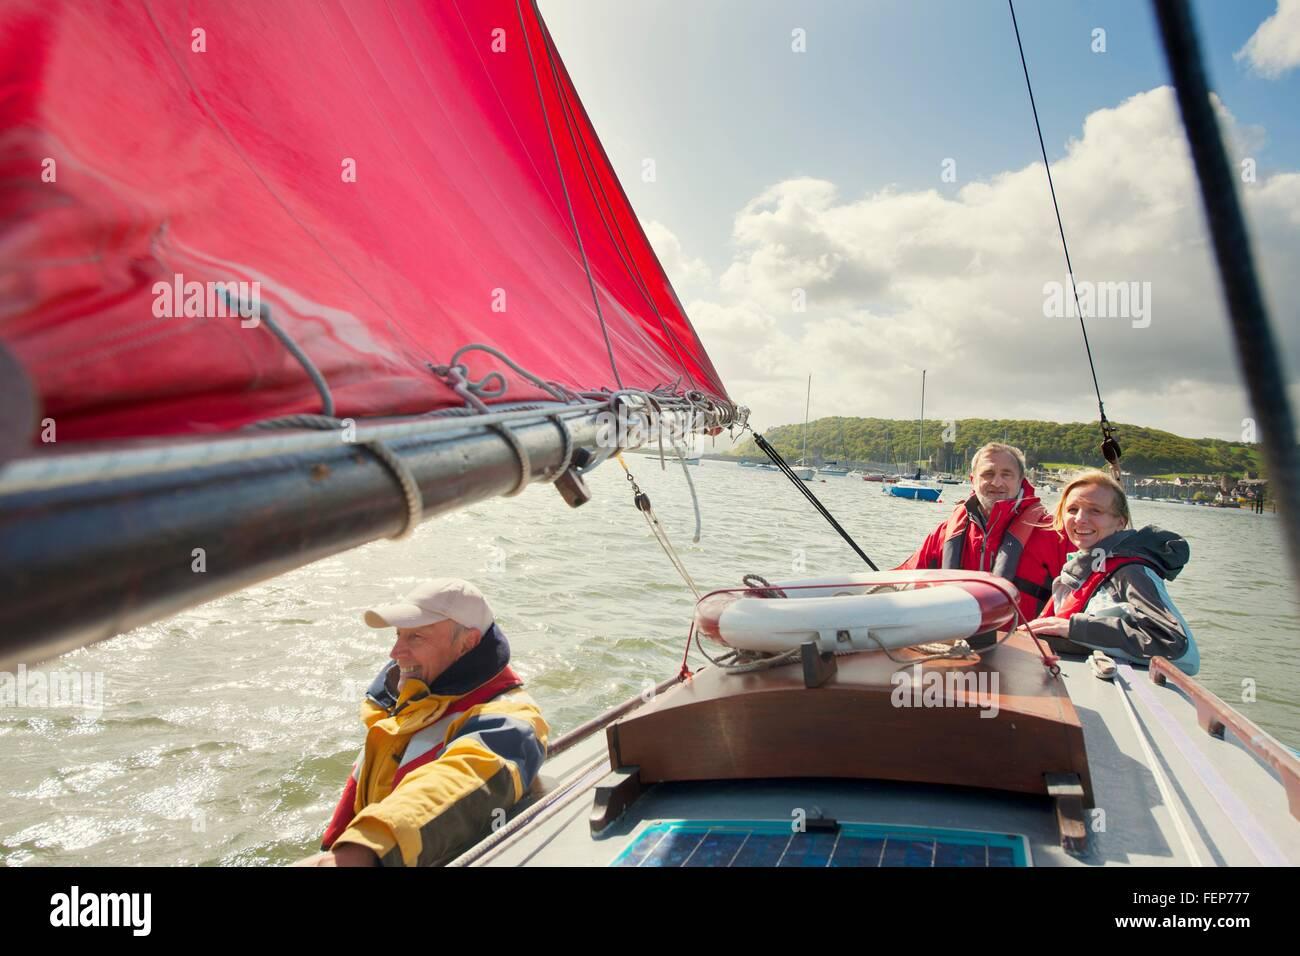 Petit groupe d'adultes sur bateau à voile Photo Stock